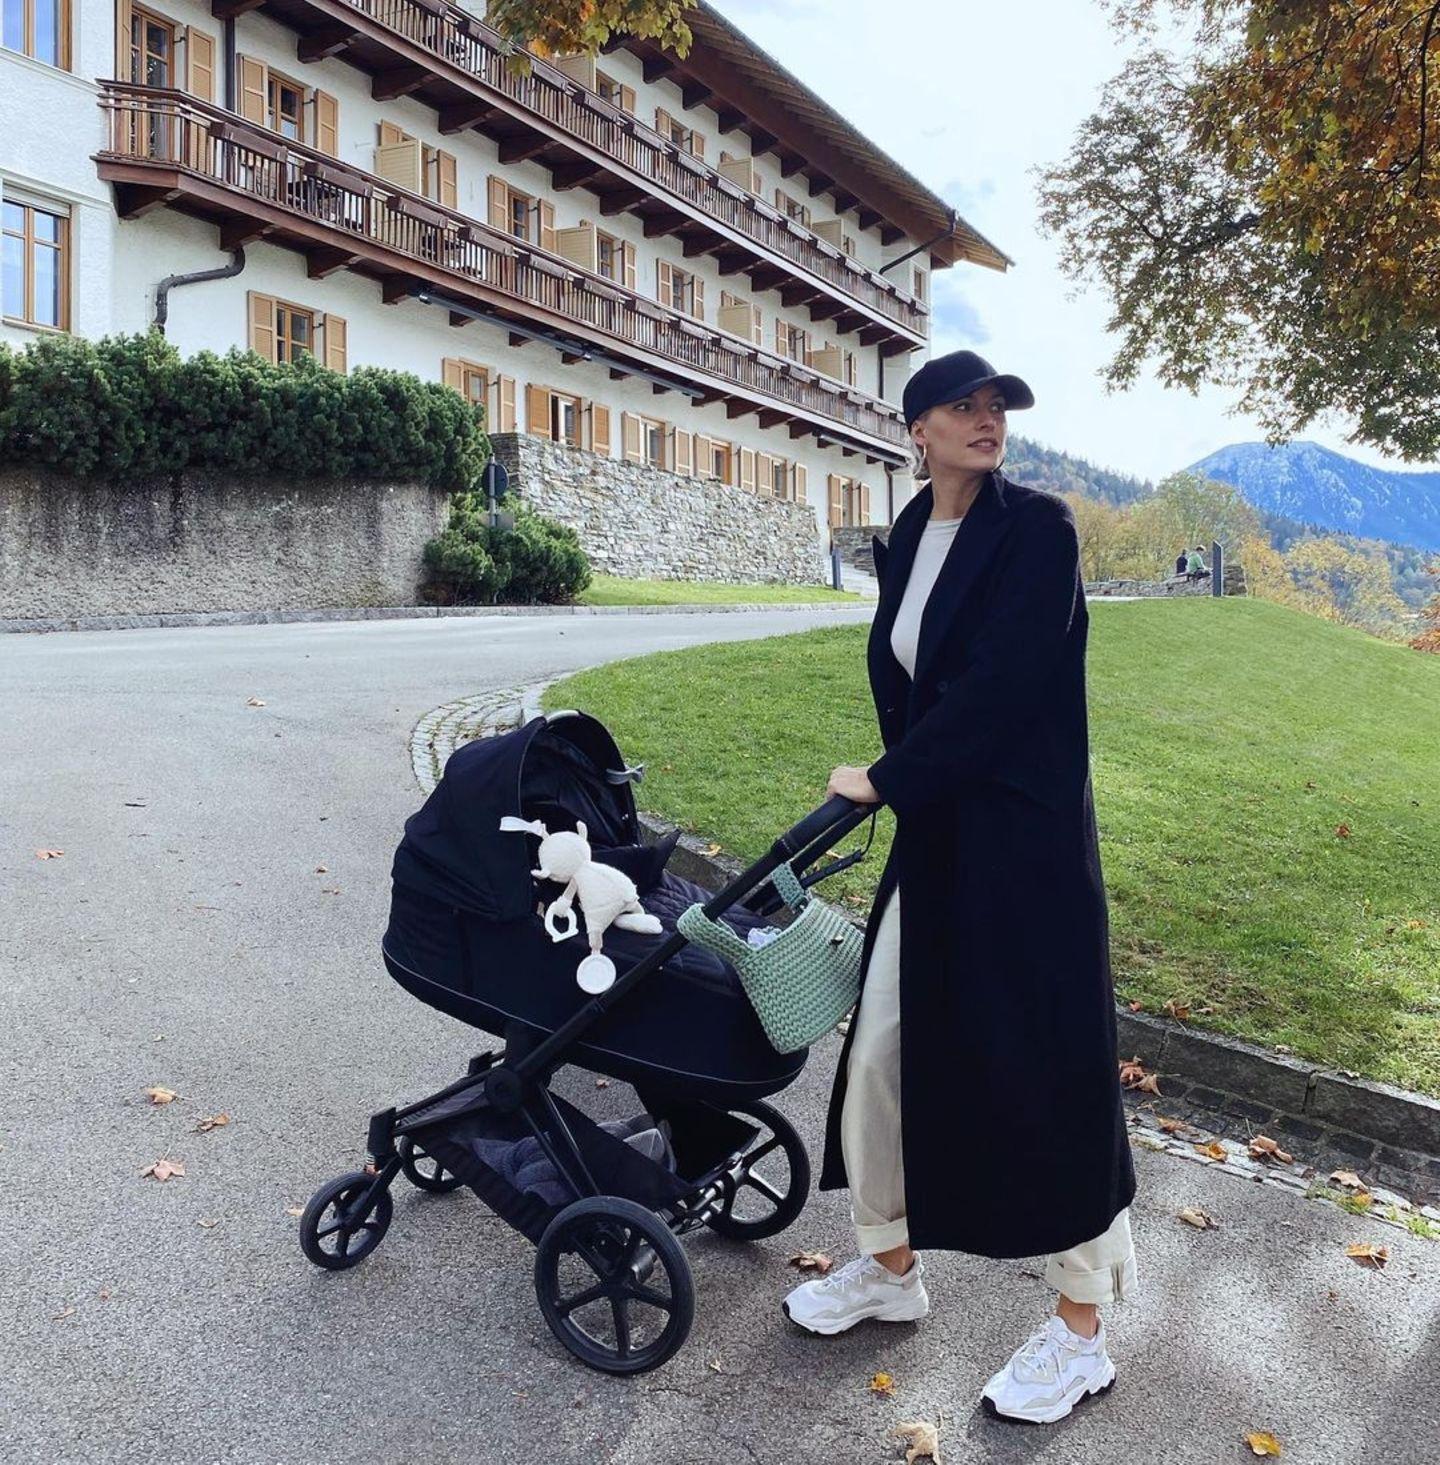 """Der """"Priam"""" von Cybex ist auch für Lena Gercke und Töchterchen Zoe der Kinderwagen ihrer Wahl. Das Modell in komplett Schwarz sieht besonders cool aus."""